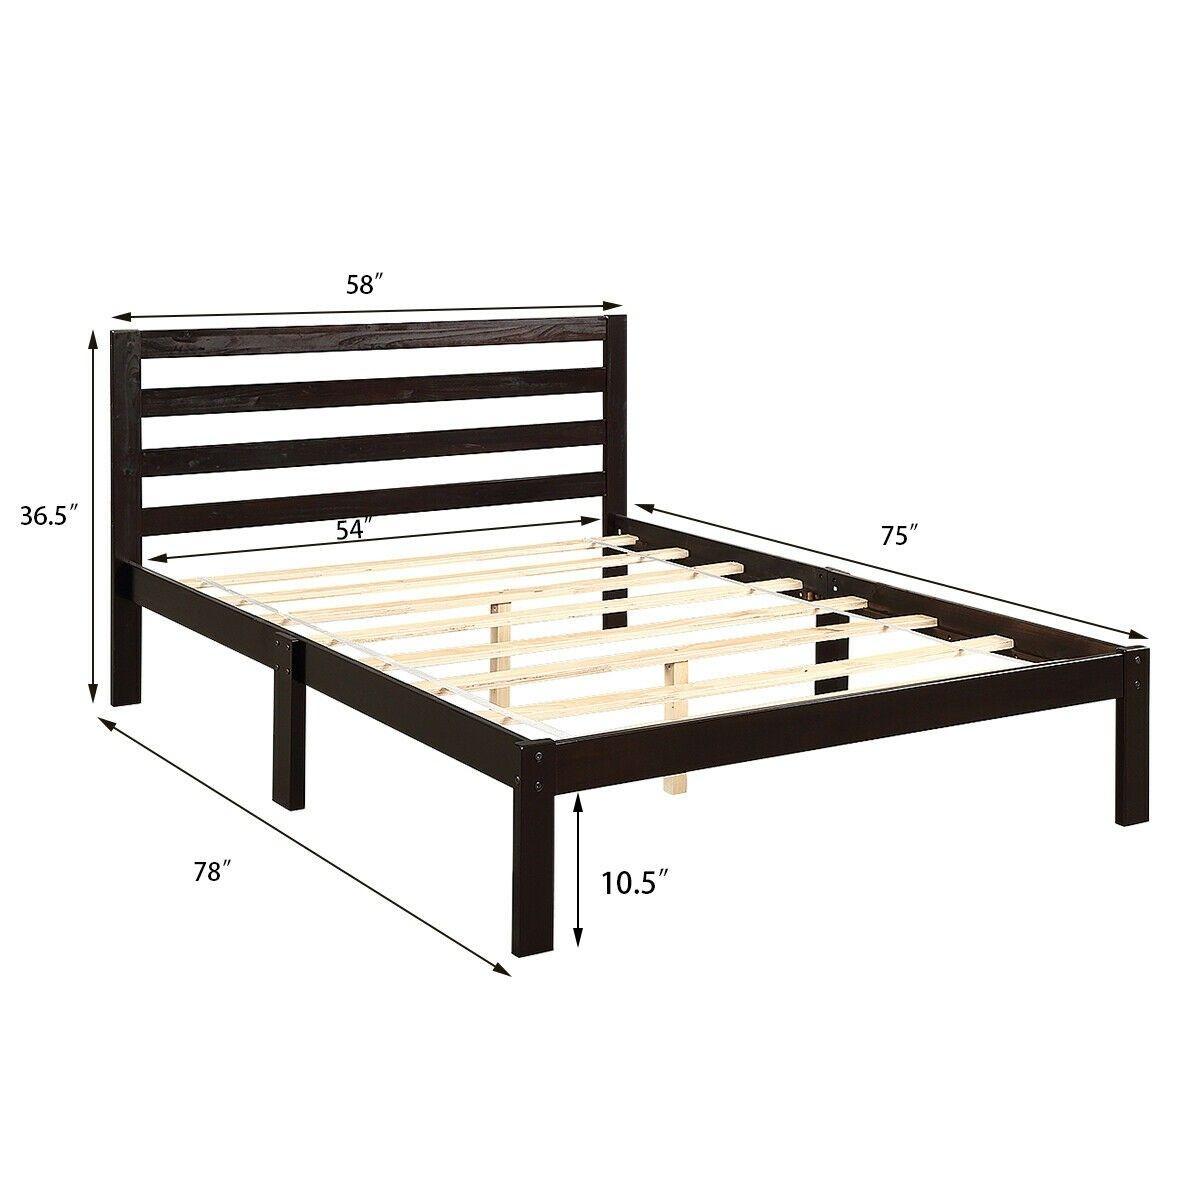 Platform Bed Full Size Bed Frame Wood Slat Support Wood Bed Frame Wood Slats Full Size Bed Frame